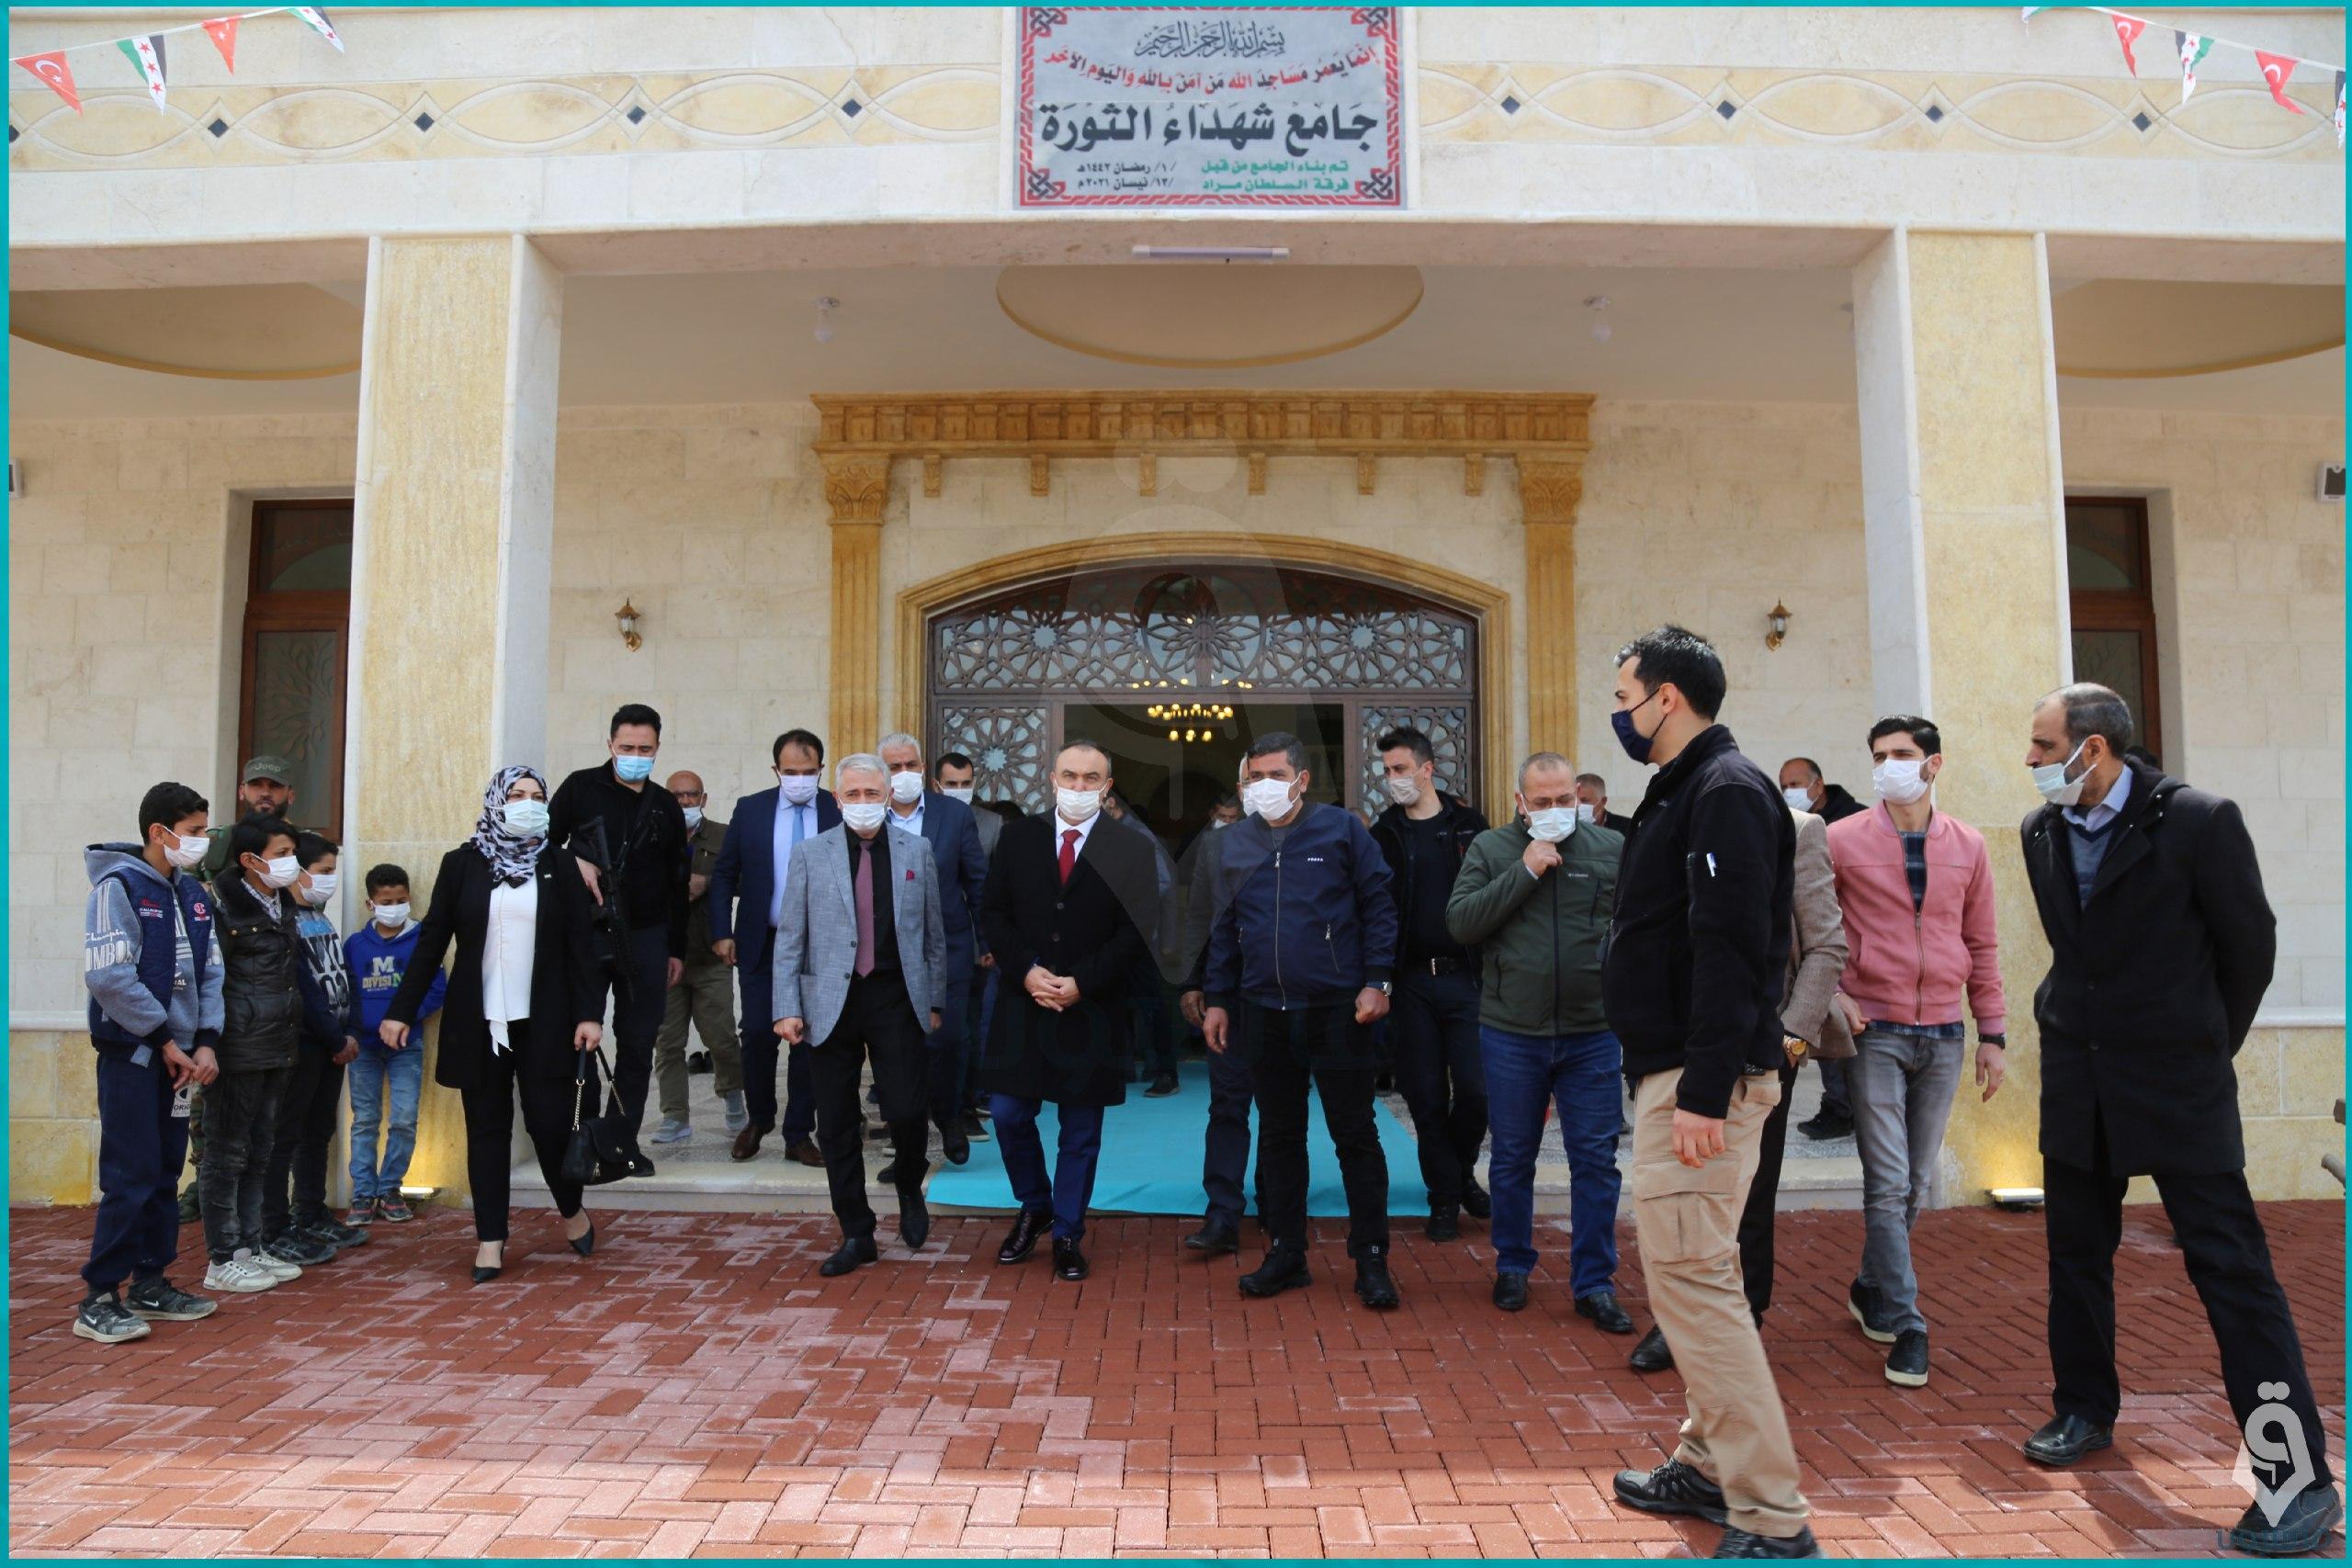 افتتاح جامع شهداء الثورة على الحدود السورية التركية